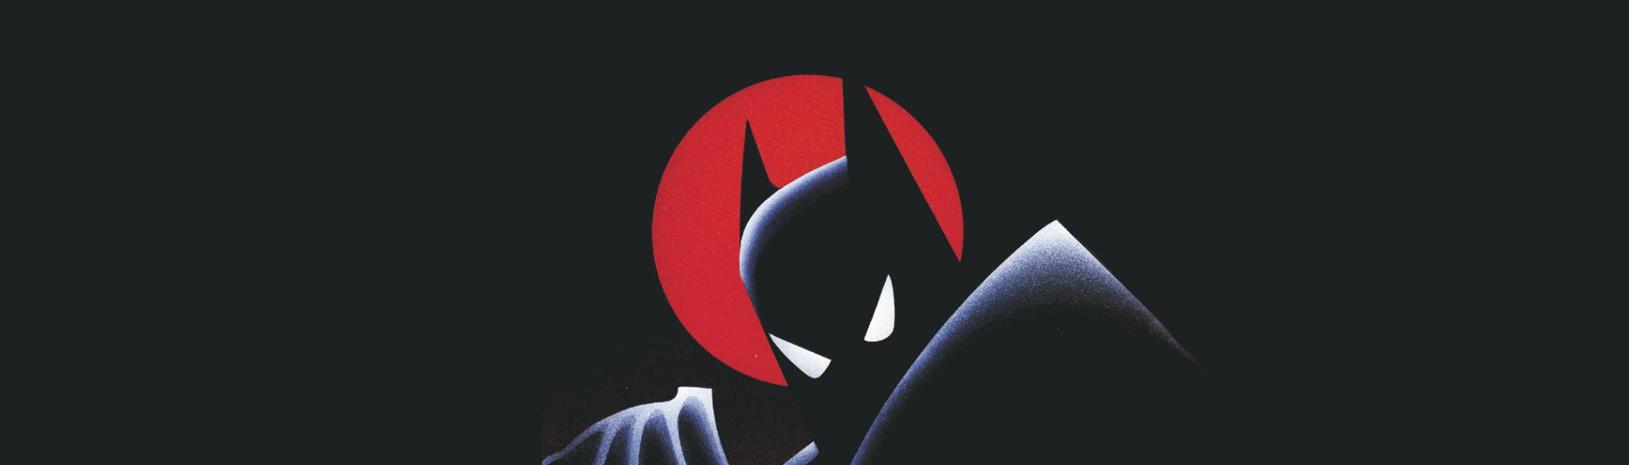 Qui le menaça de dévoiler son dossier médical dans Batman, La série animée ?